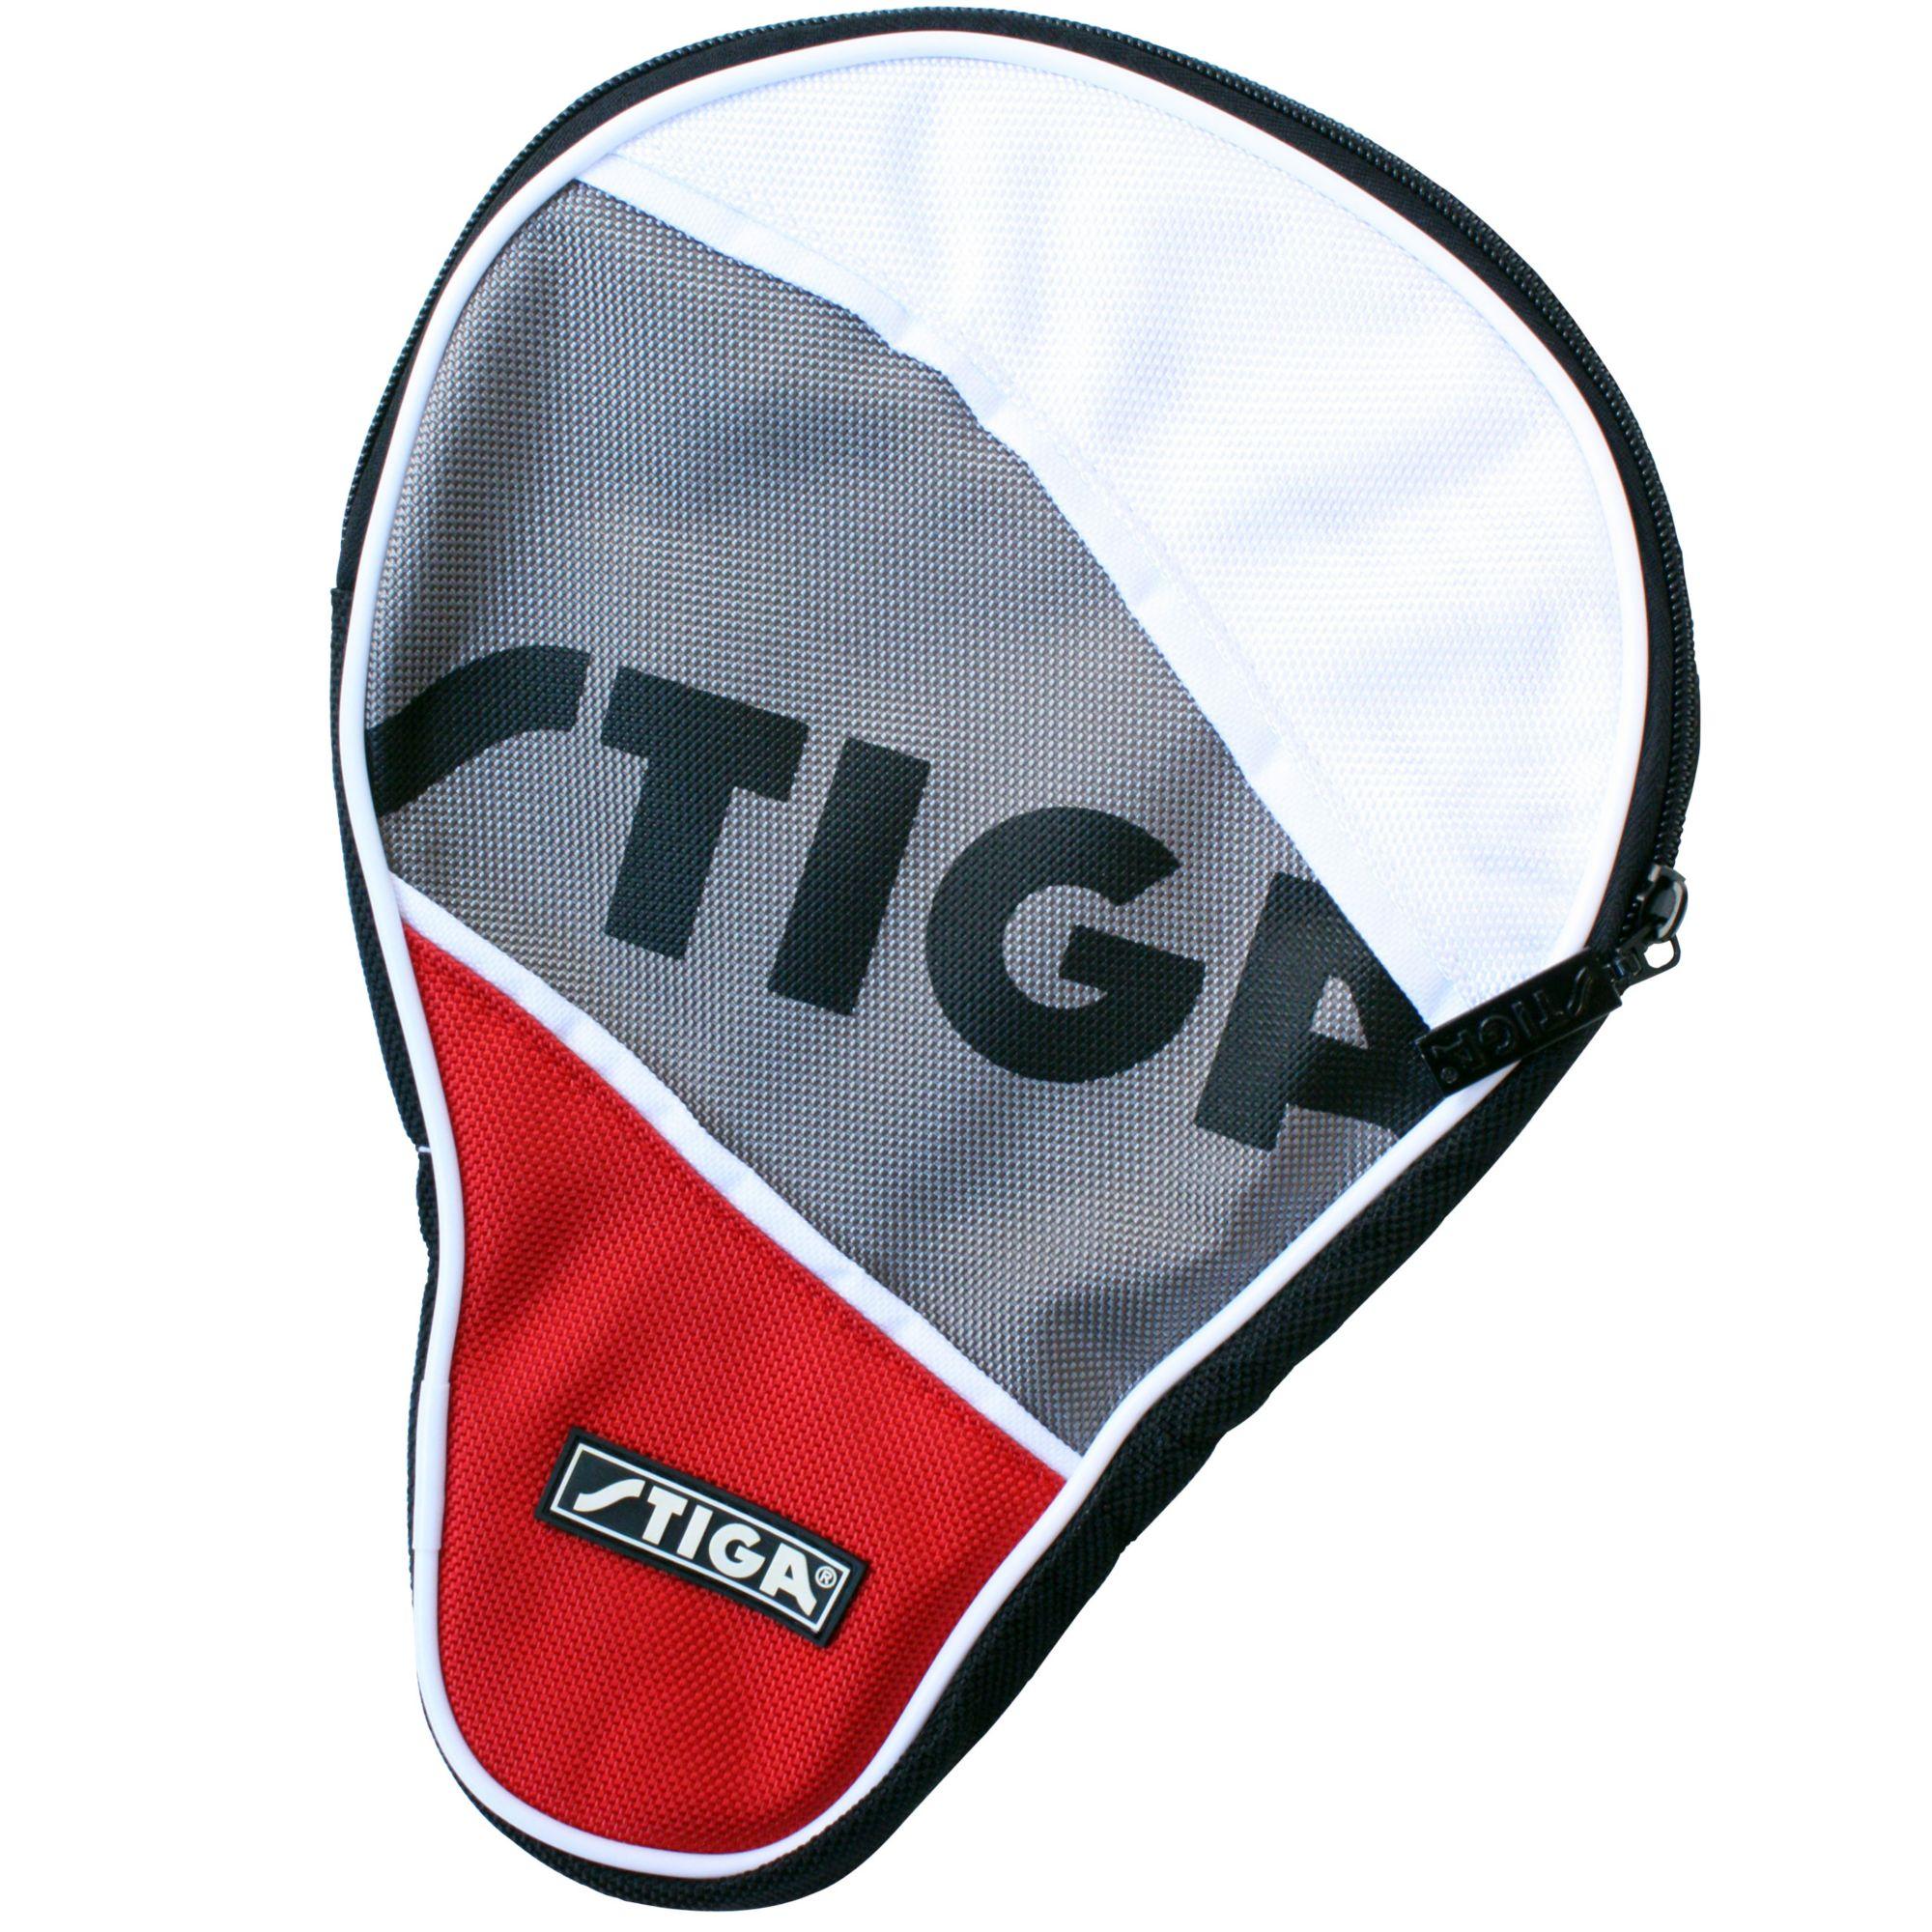 Stiga Master Series Premium Table Tennis Racket Cover